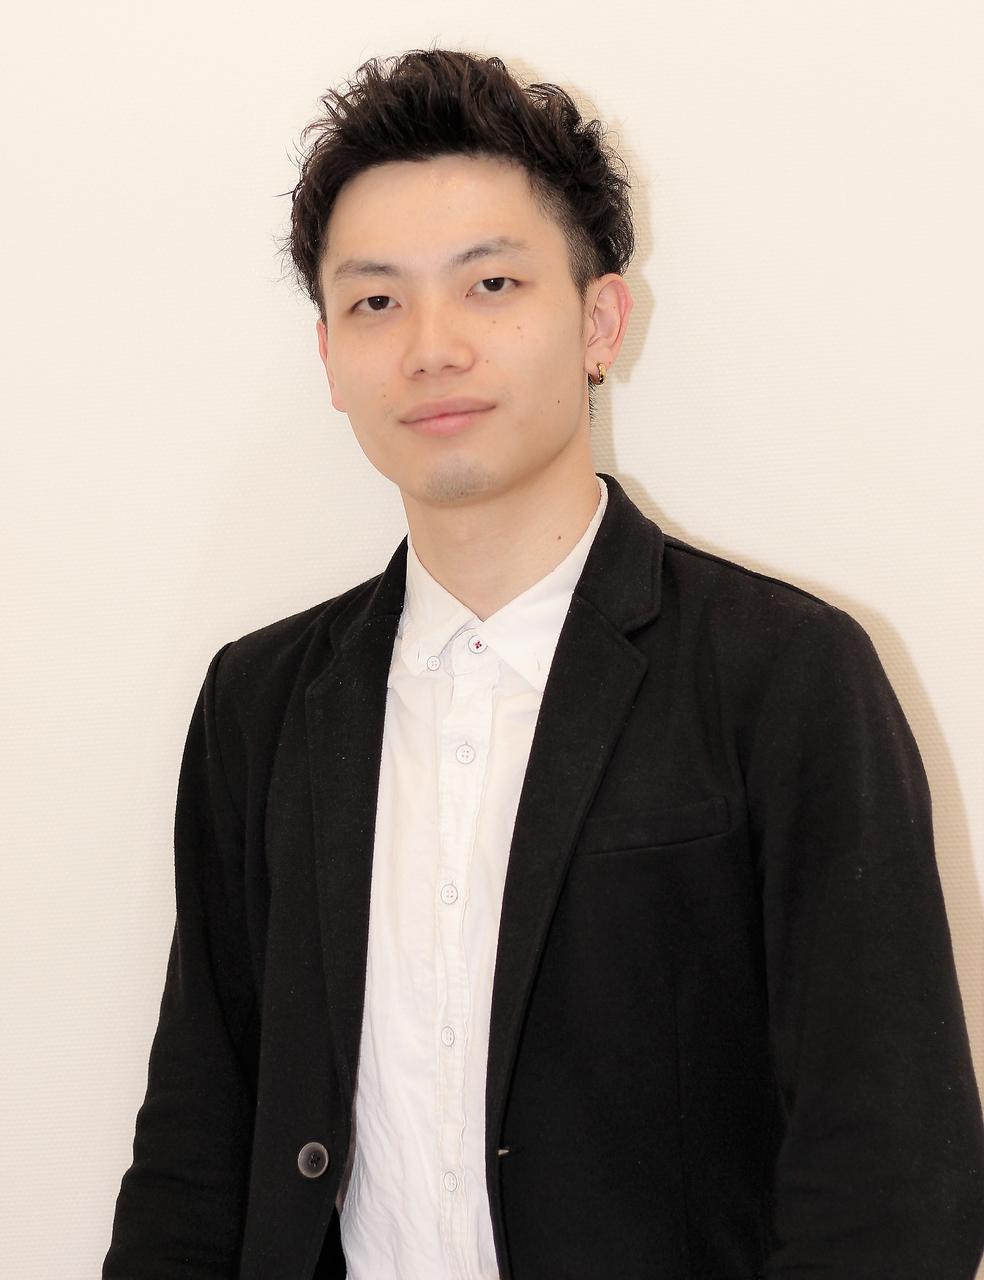 太田 祥平